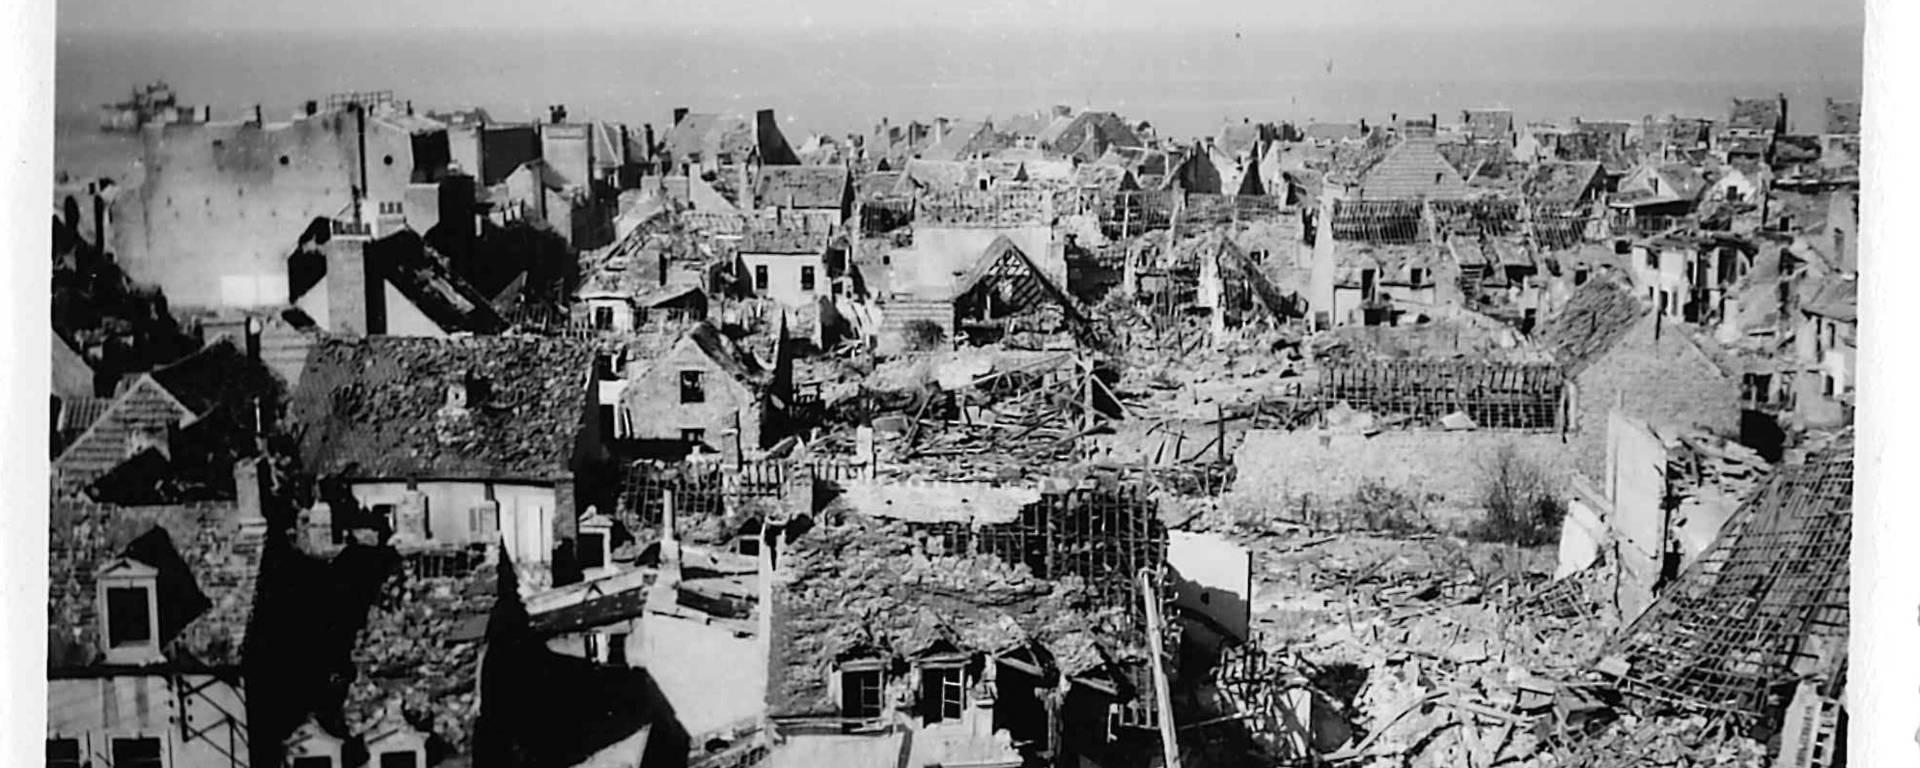 Le Portel à la fin de la Seconde Guerre Mondiale